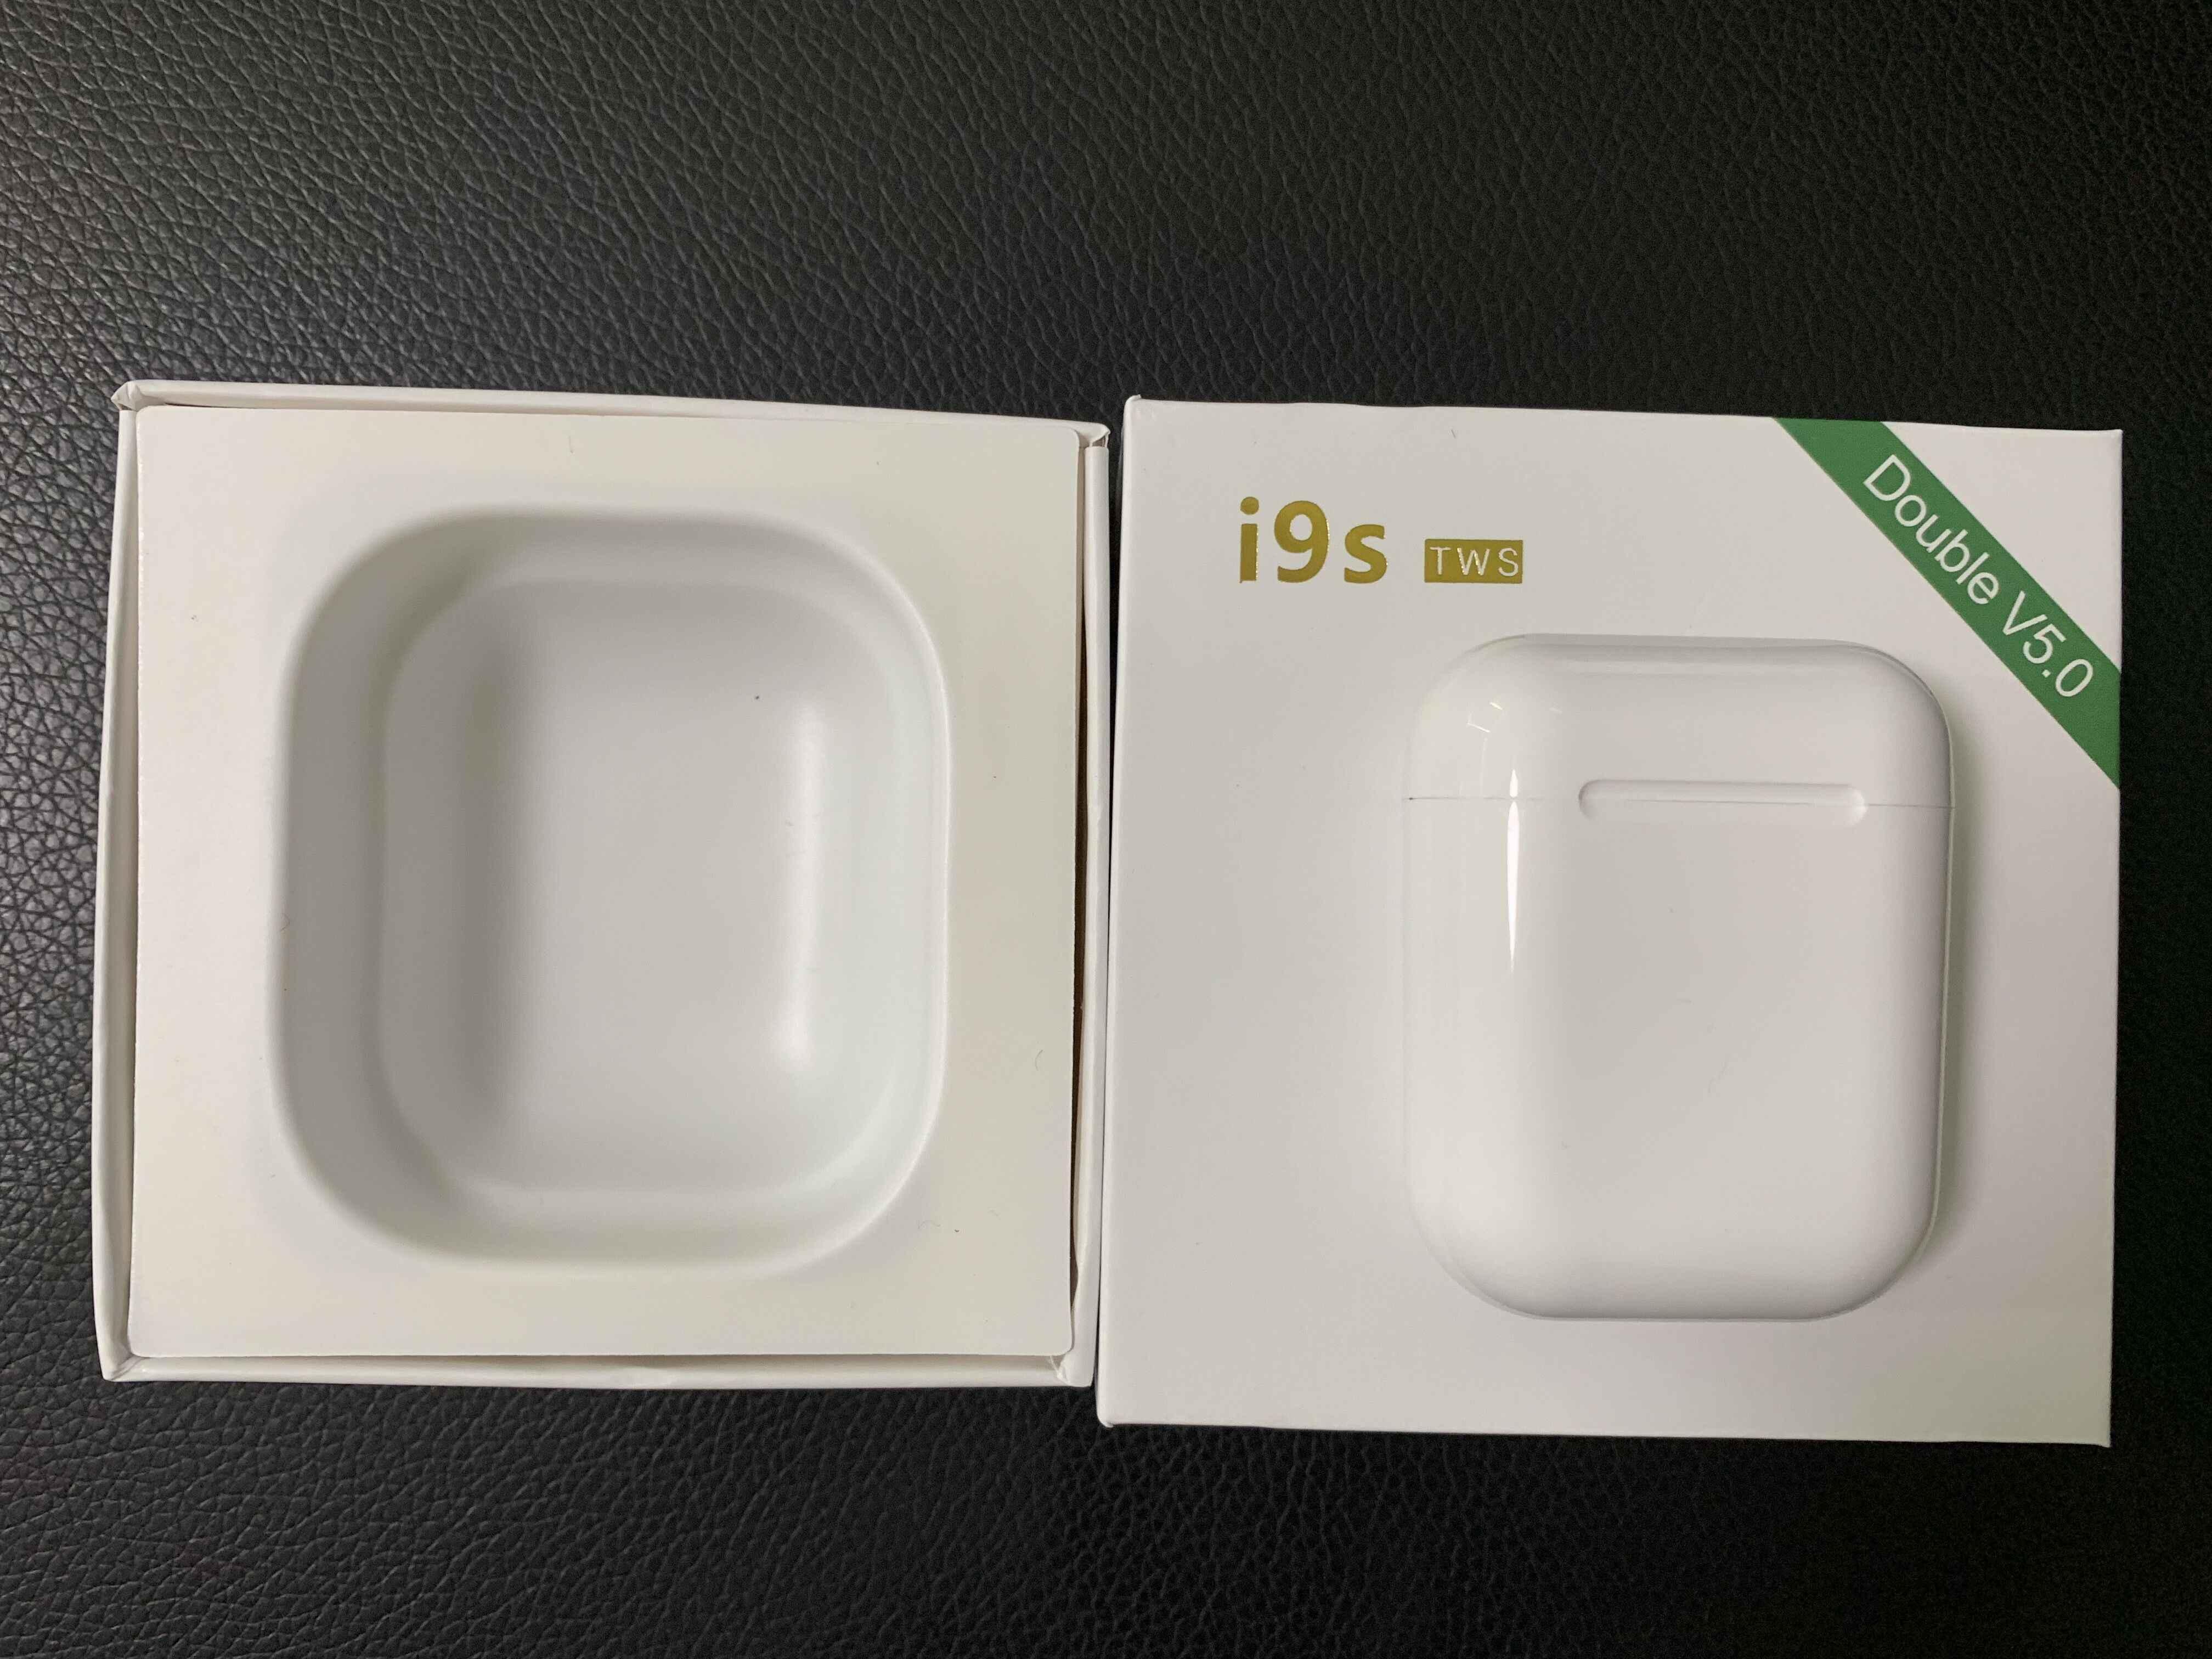 Najlepszy prezent wybrać I9s tws magnetyczny ładowarka przenośny zestaw głośnomówiący bluetooth bezprzewodowy zestaw słuchawkowy stereo nadaje się do iPhone i Android